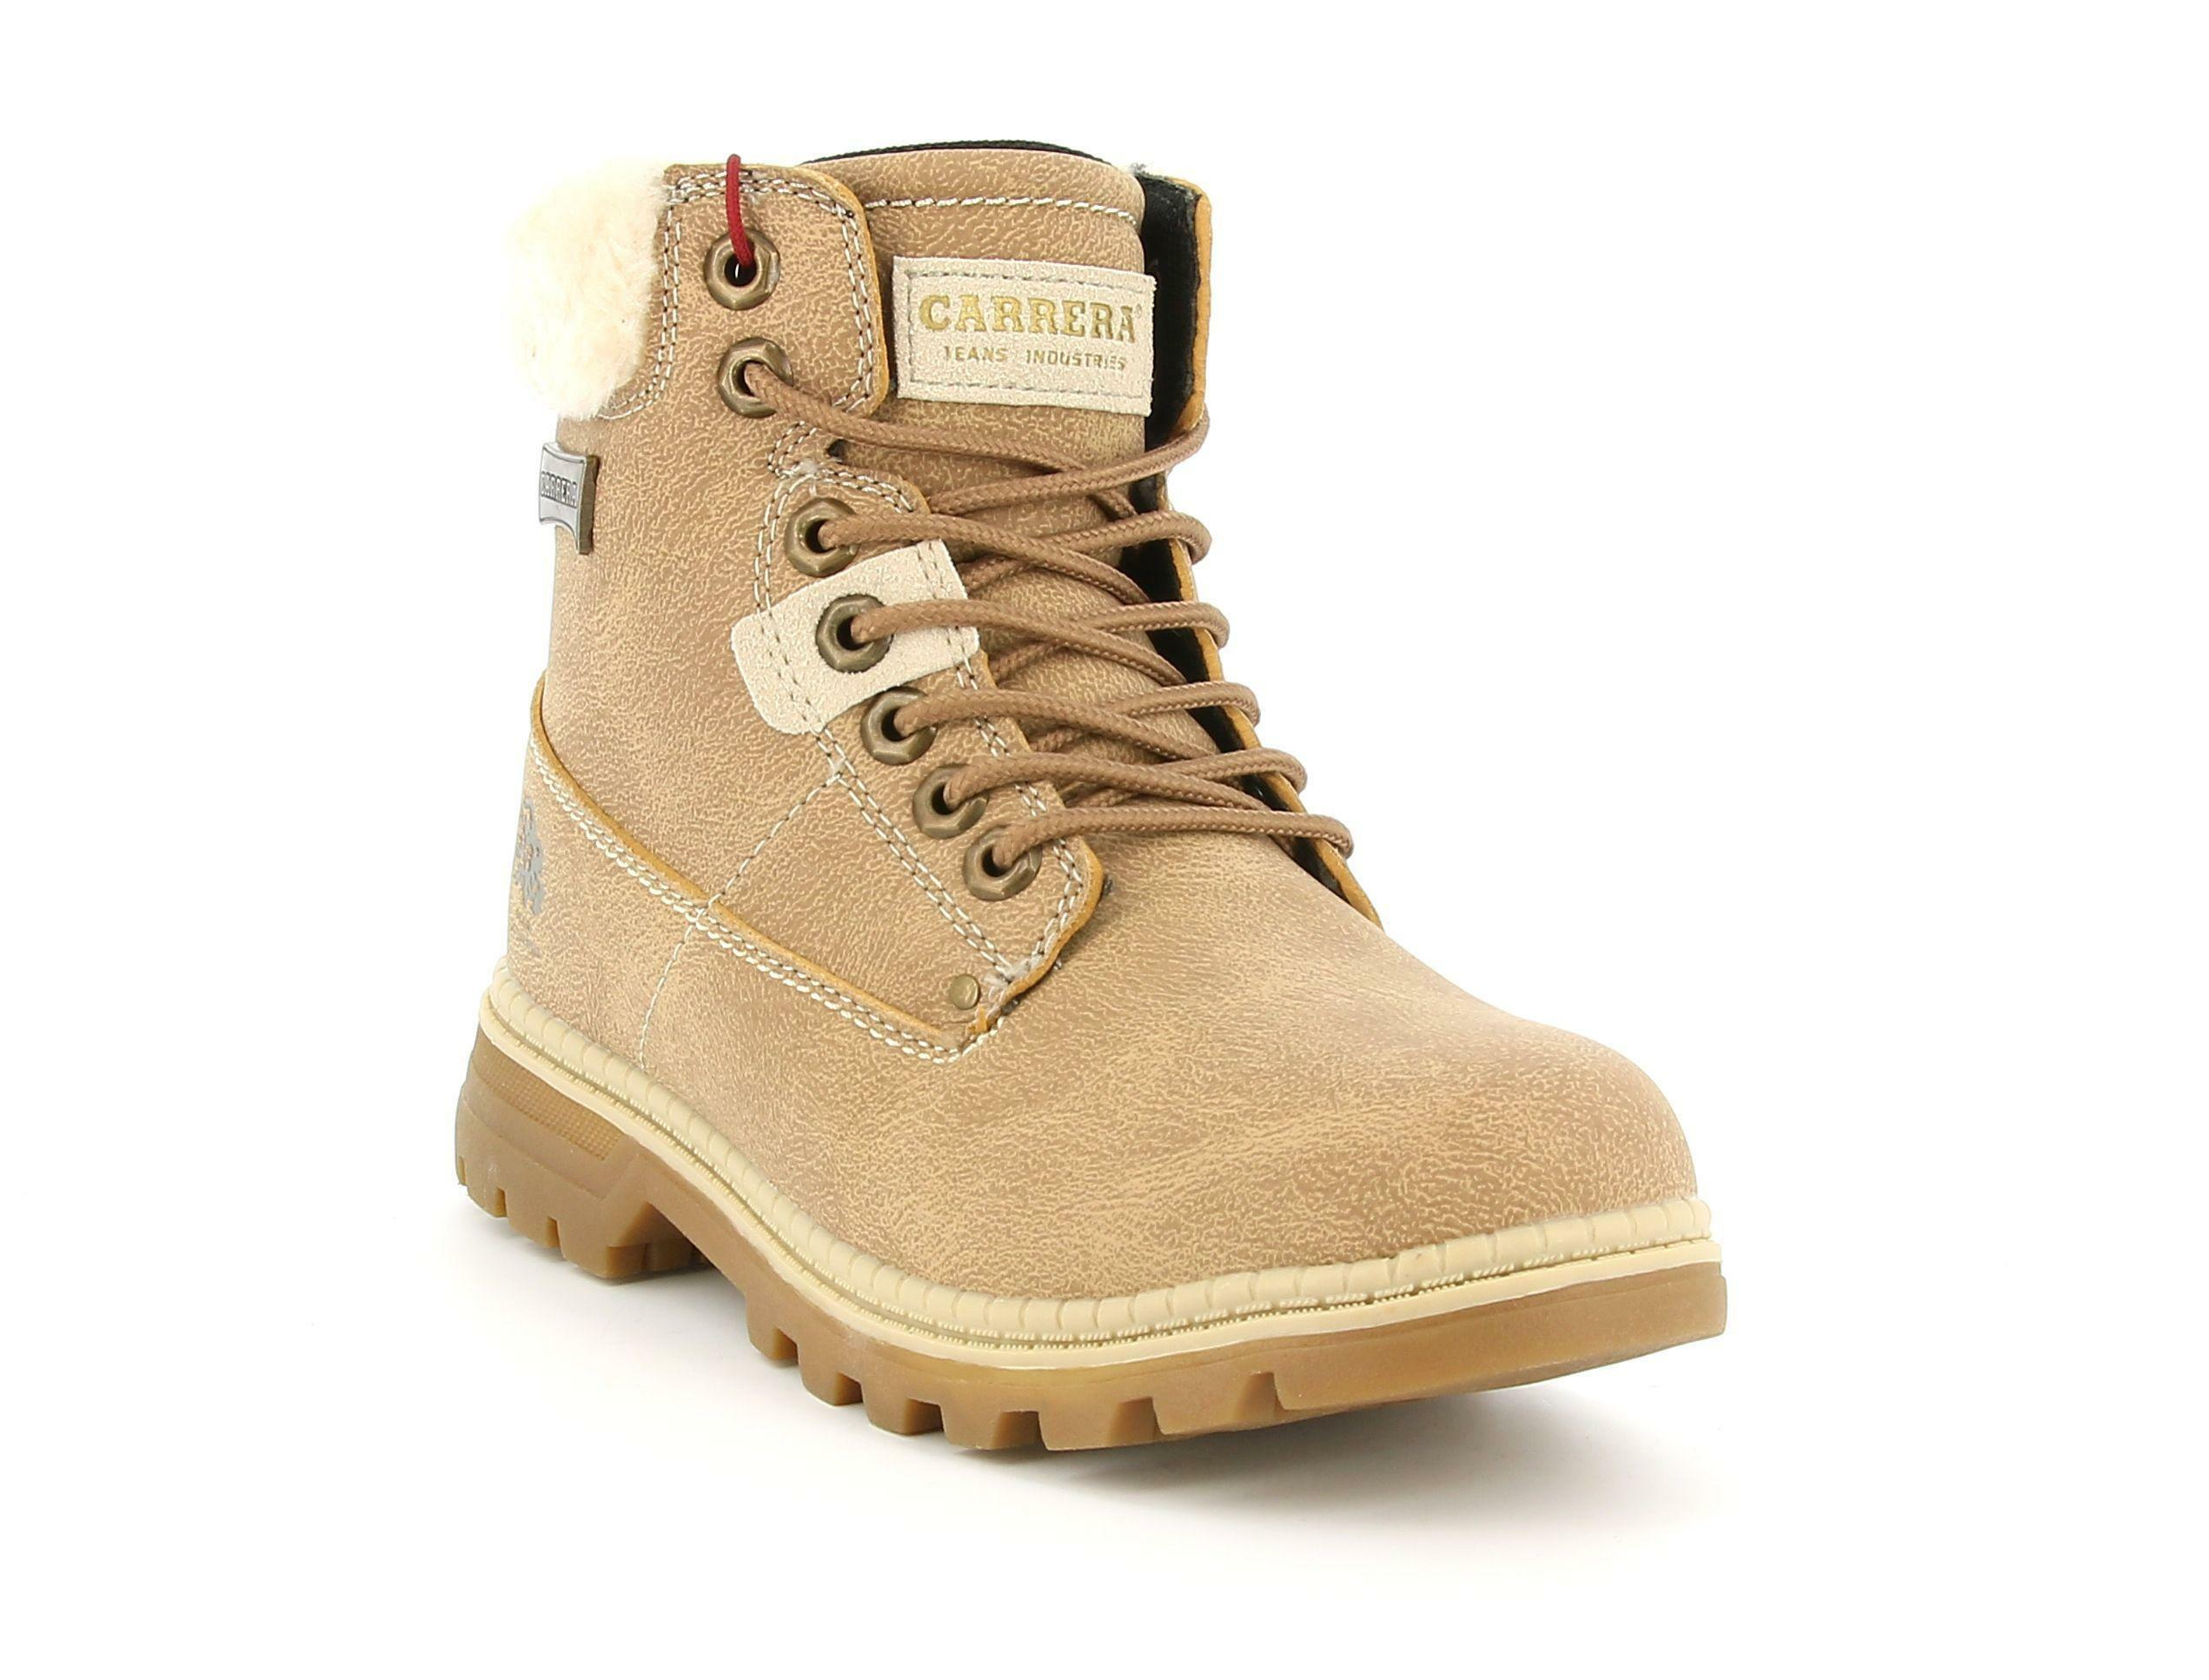 carrera carrera scarponcino 021052 cappuccino scarpe donna